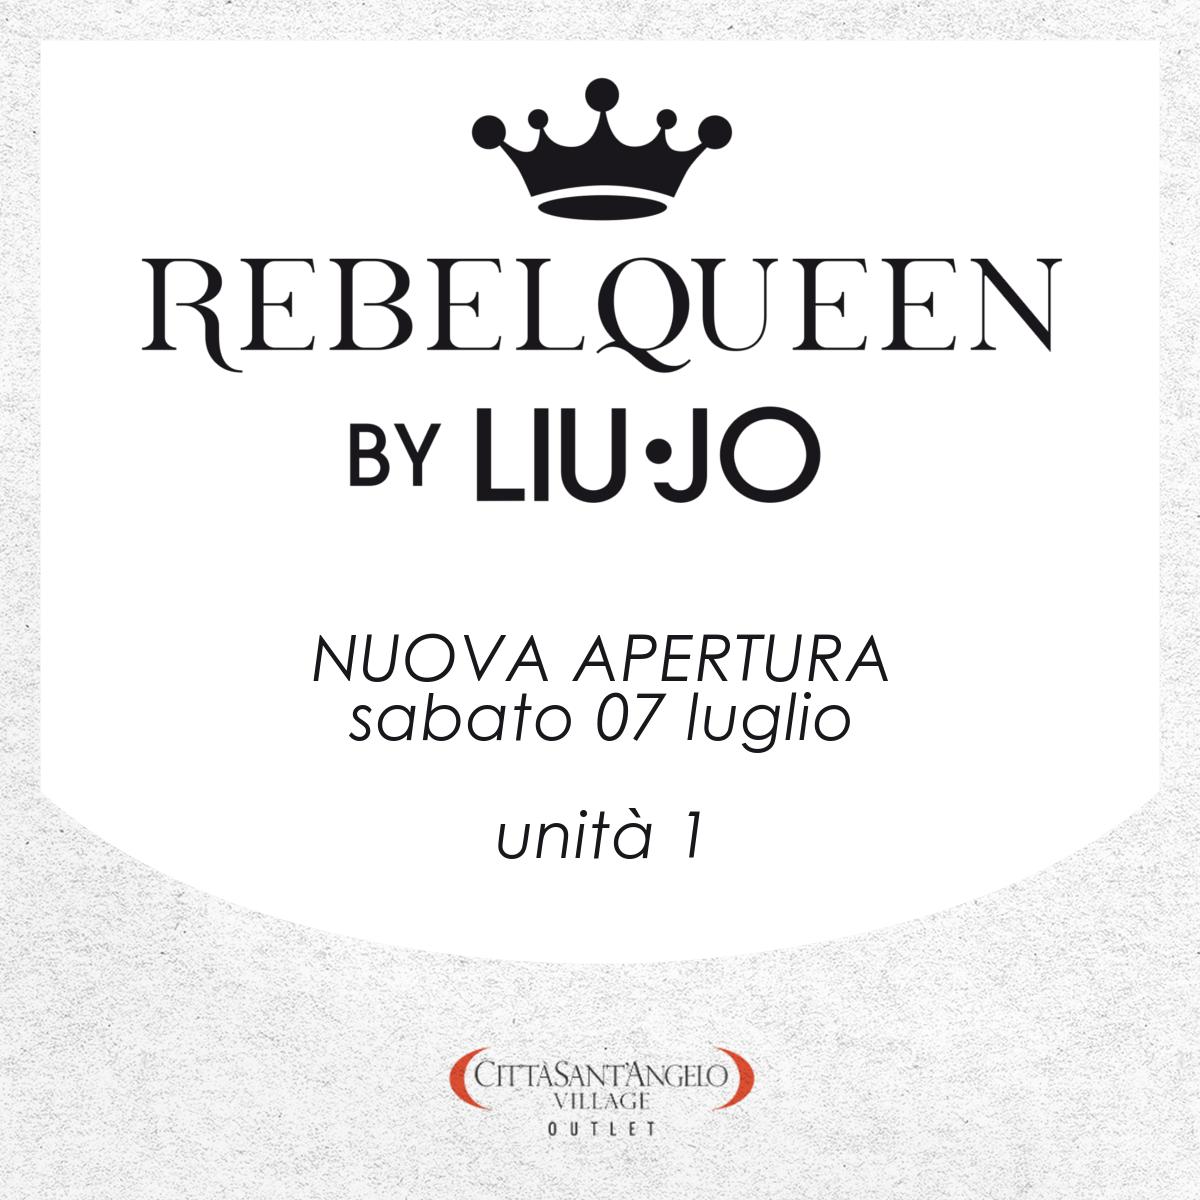 Rebel Queen by Liu Jo Città Sant'Angelo Village